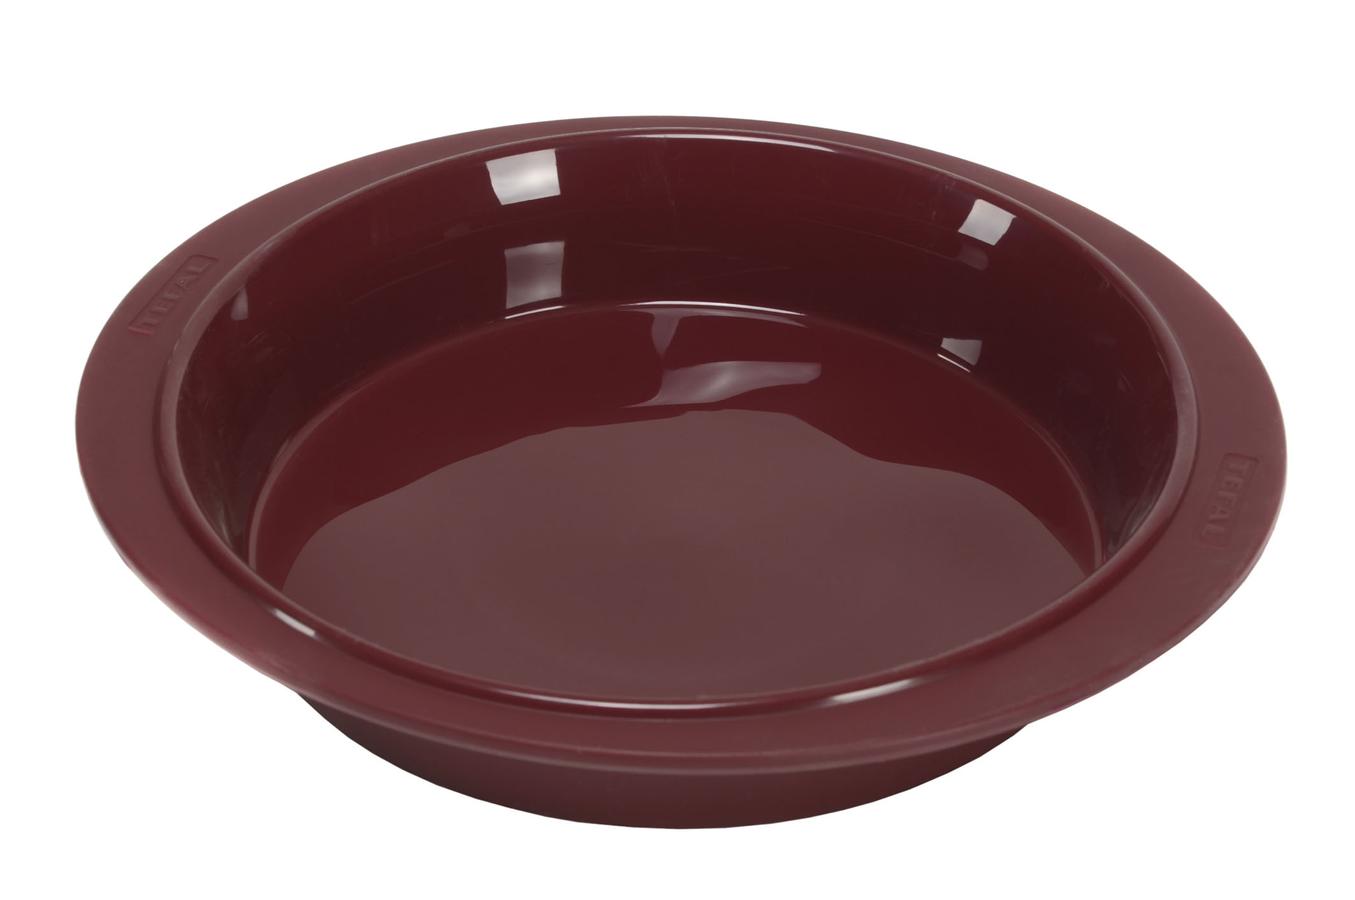 ustensile de cuisine tefal mould 25 springform 1359738 darty. Black Bedroom Furniture Sets. Home Design Ideas